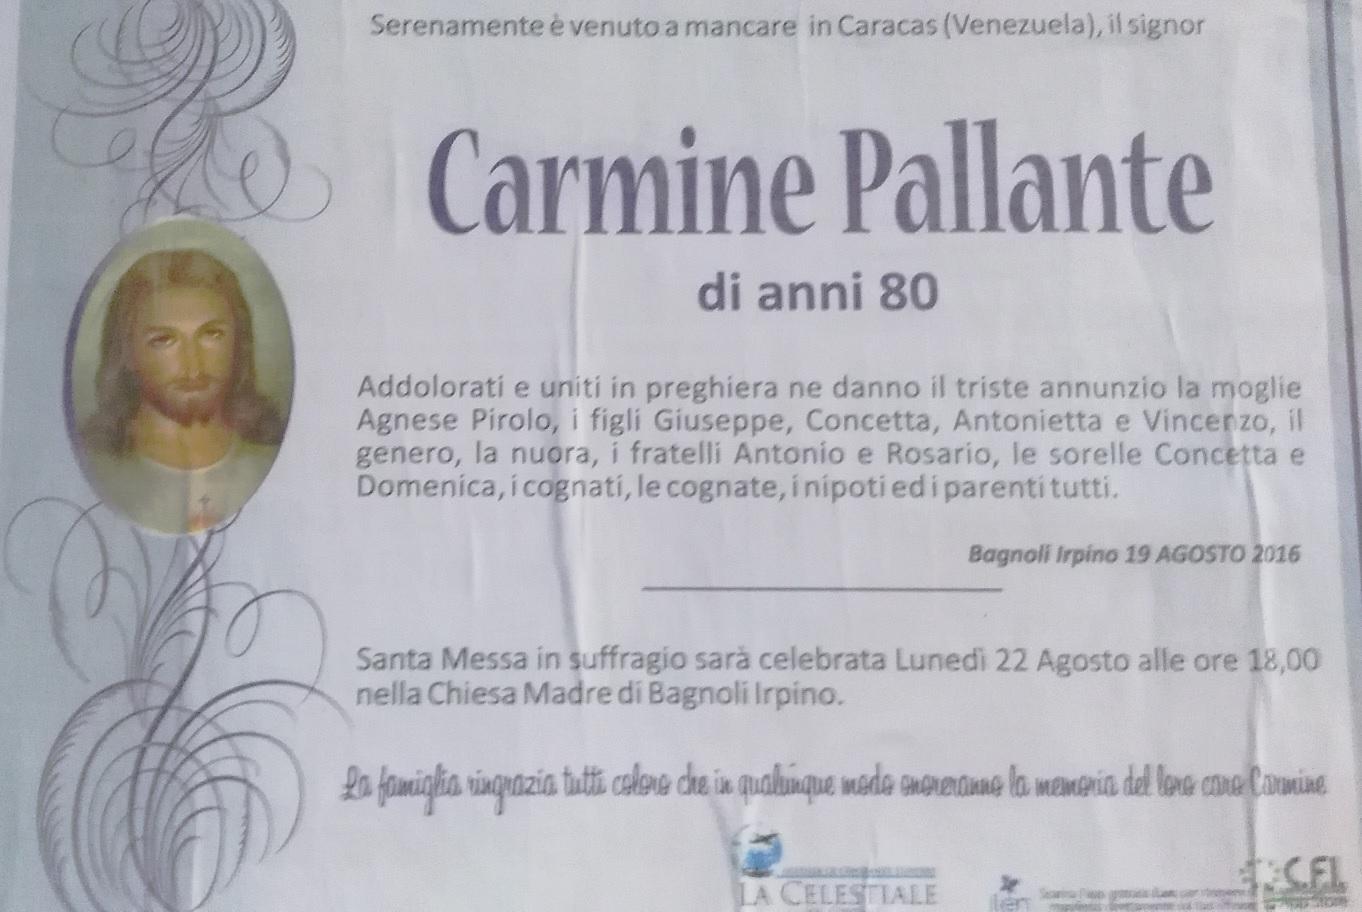 Carmine-Pallante